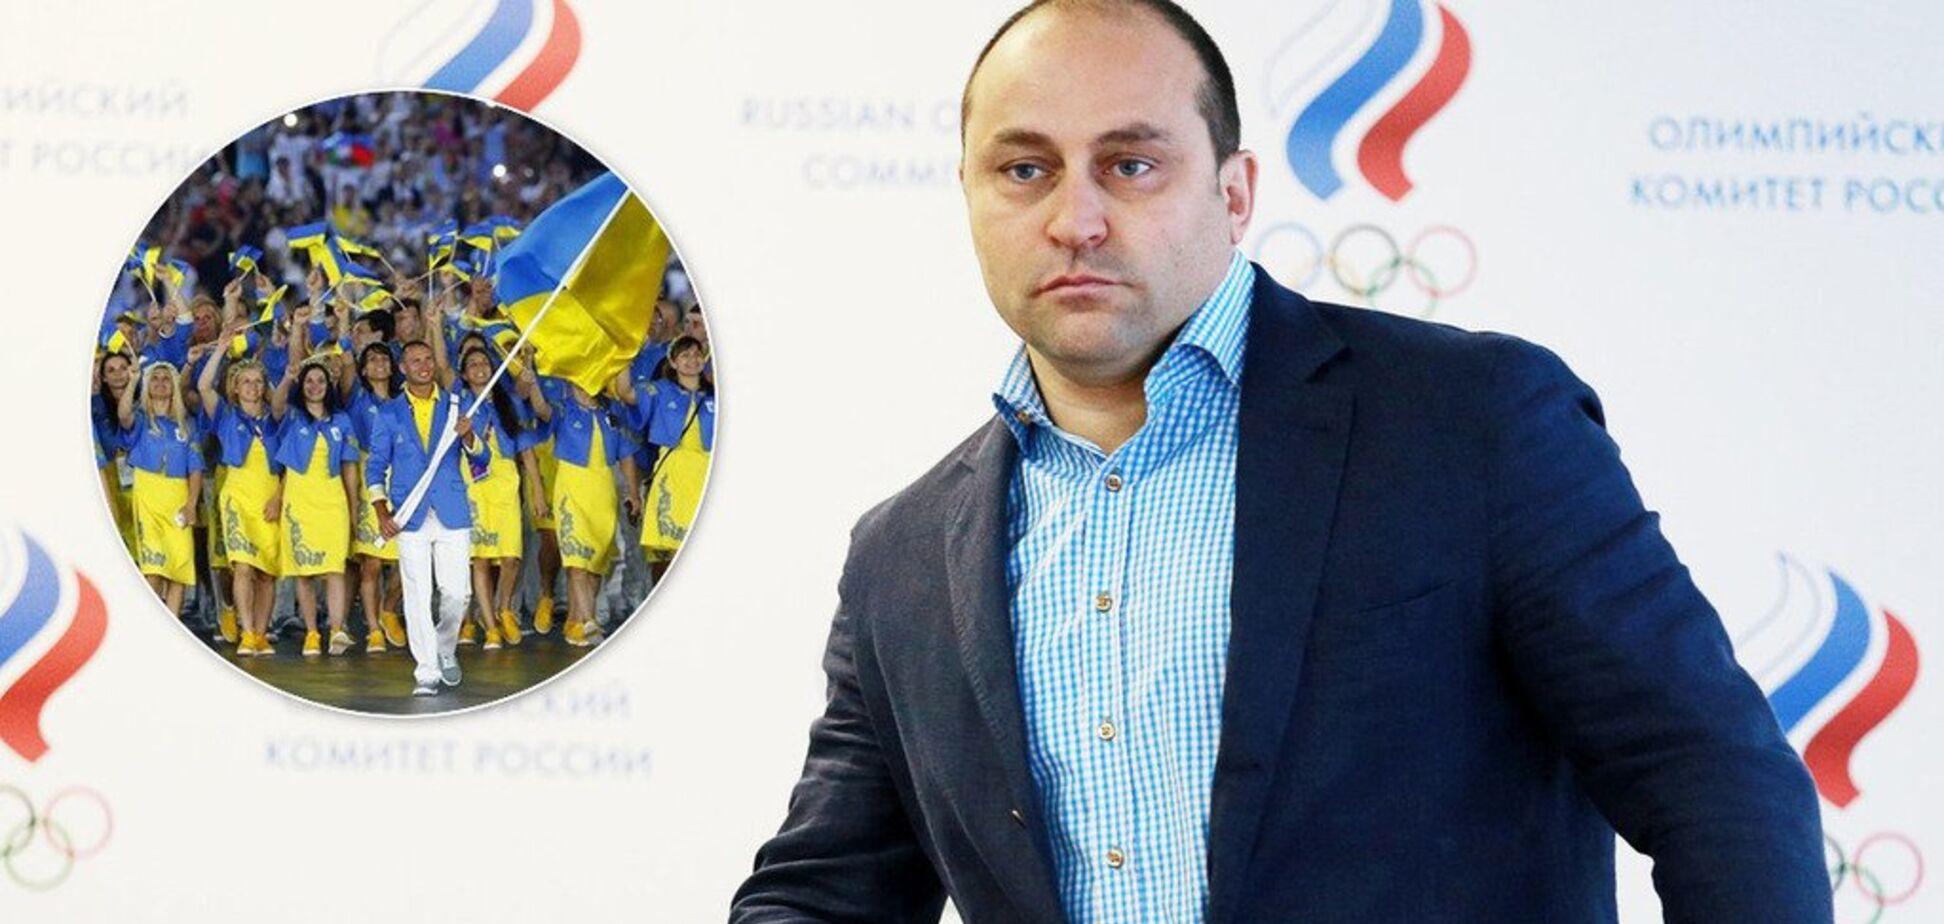 'Украинское' решение WADA по России вызвало истерику в Госдуме